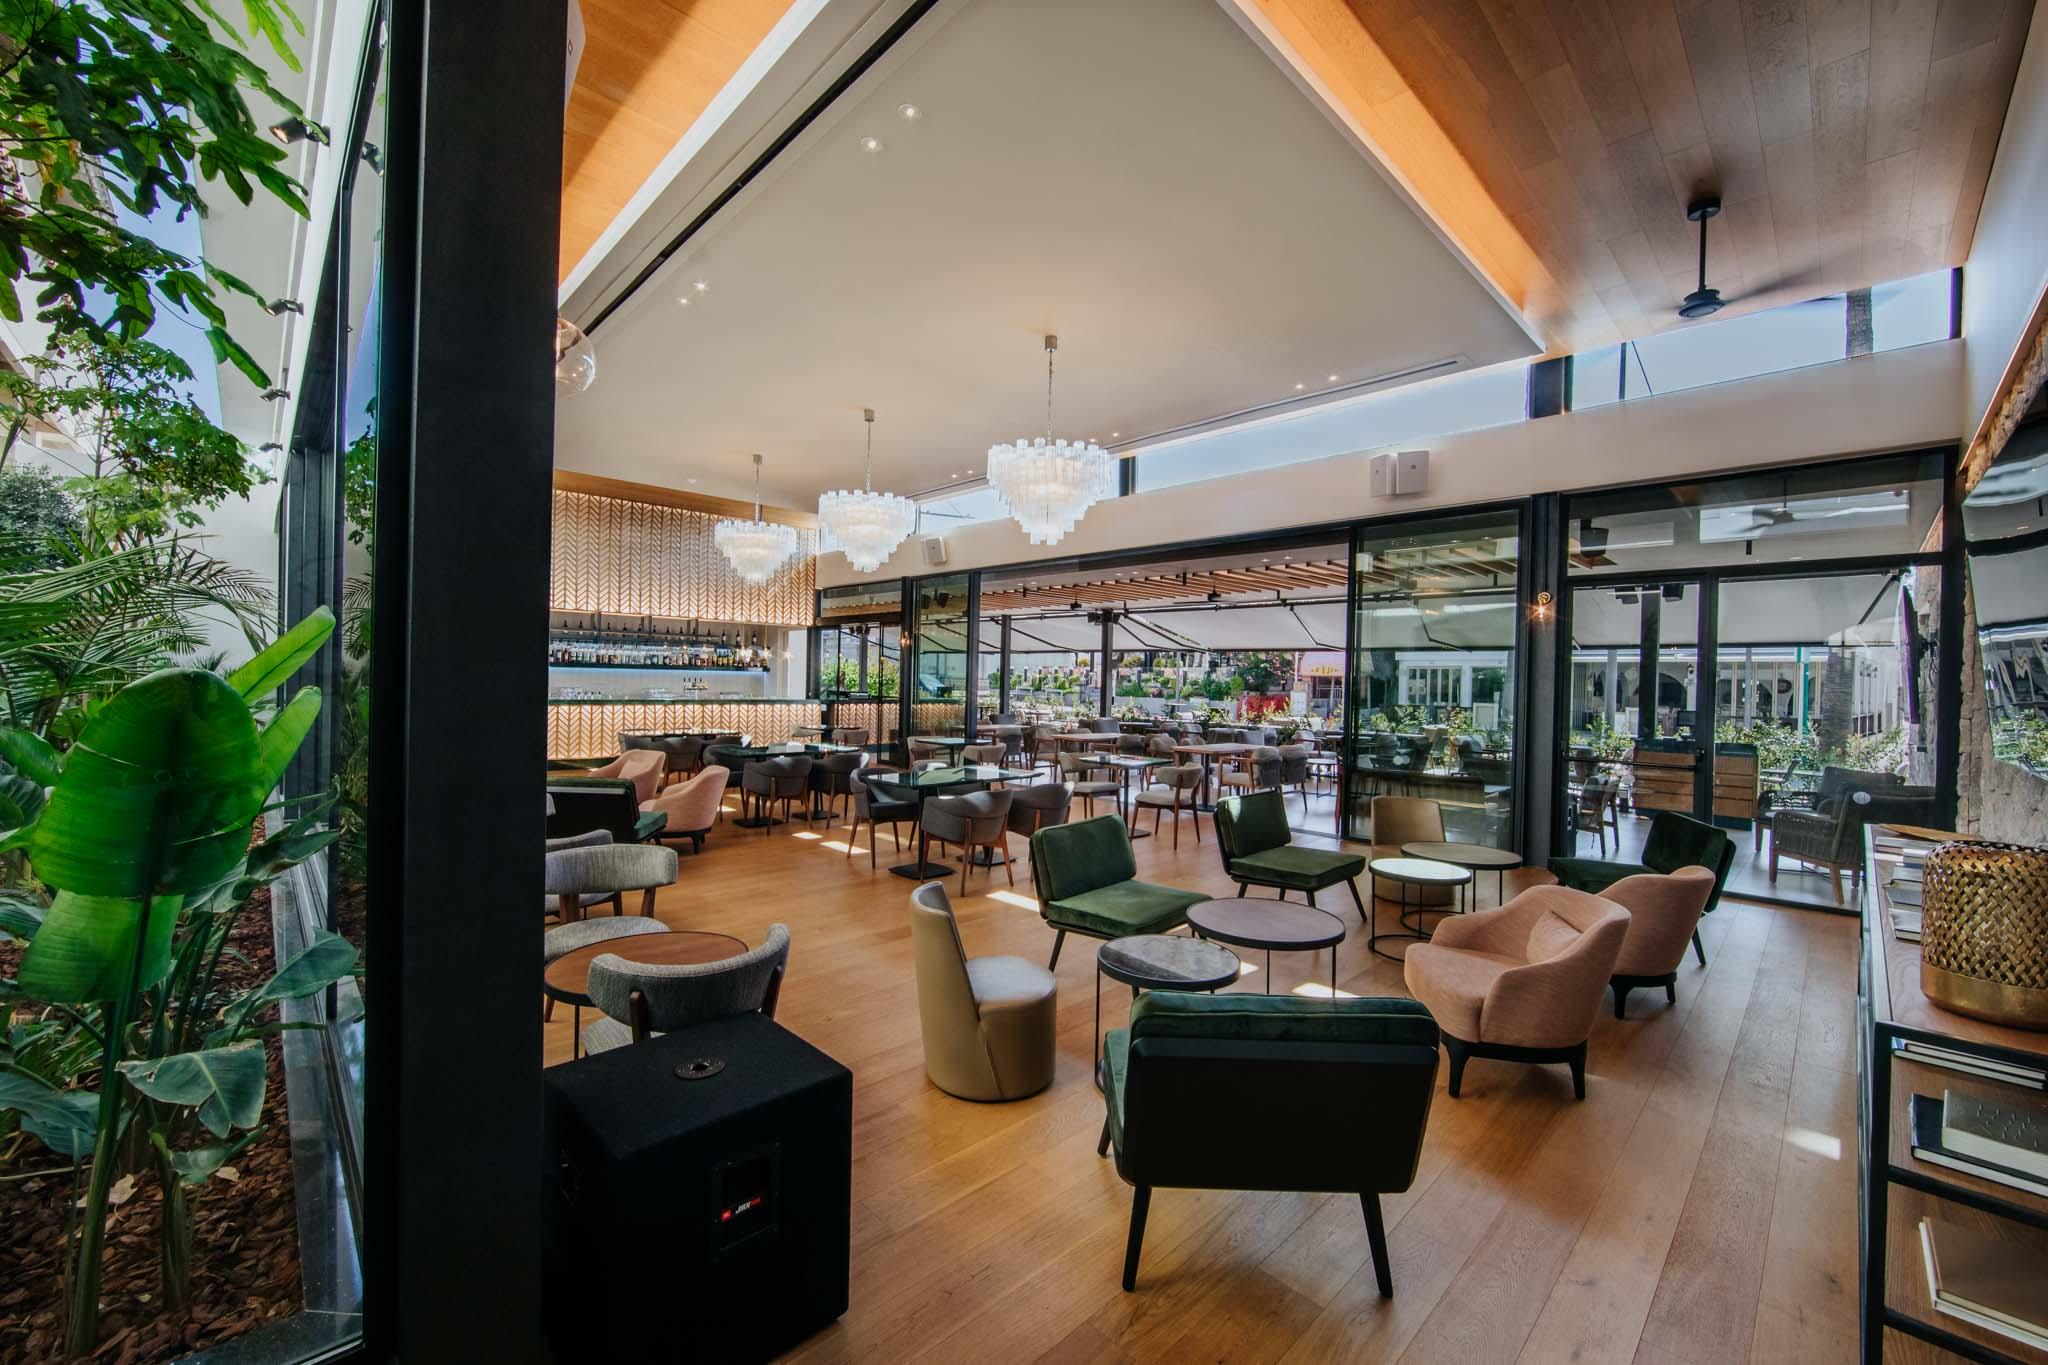 Napa-Plaza-restaurants-318